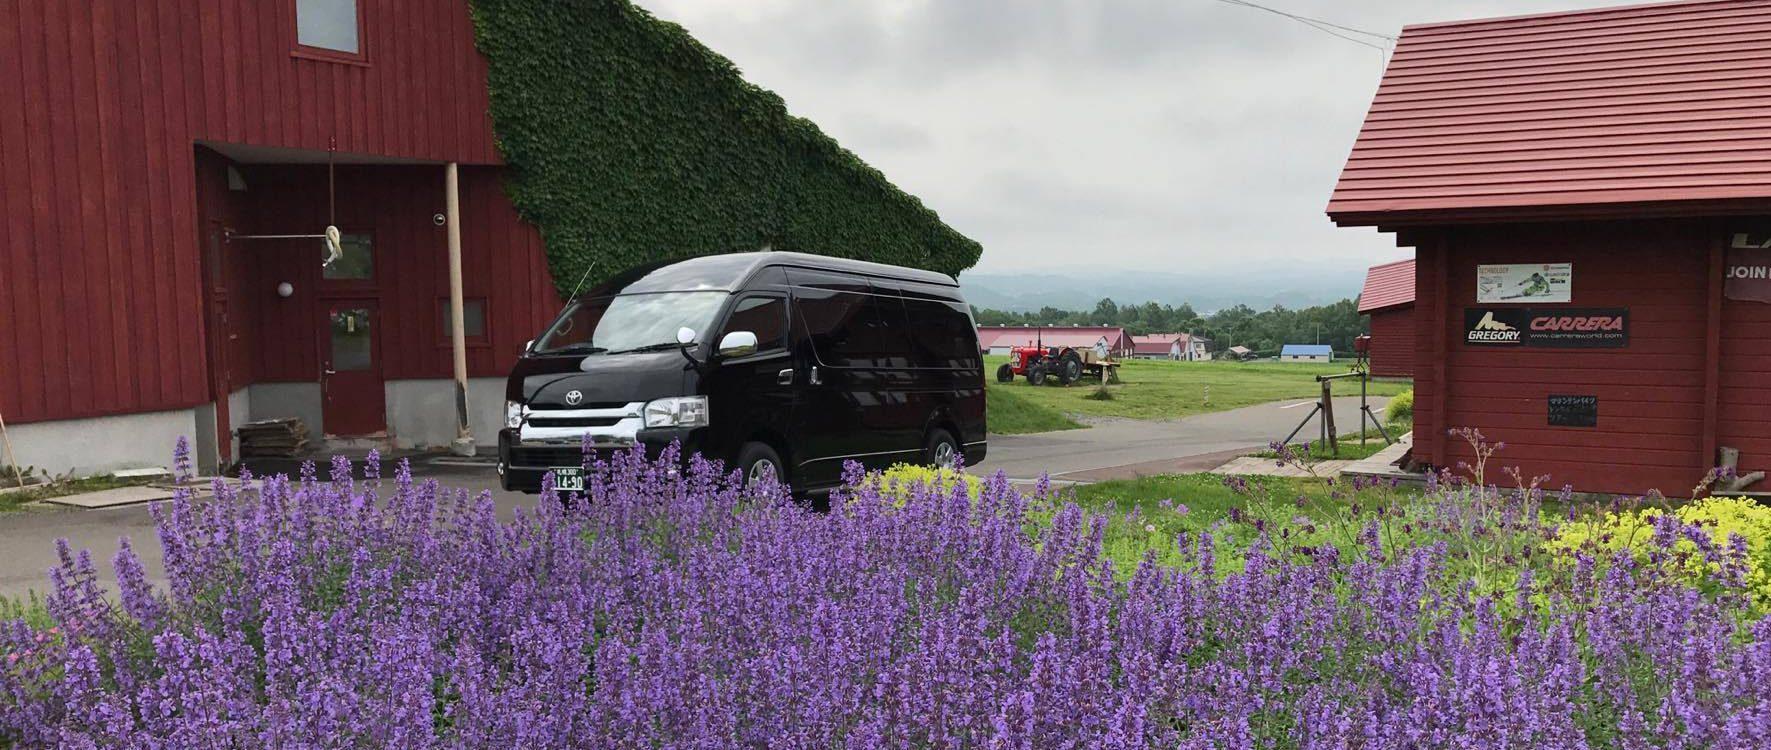 Lavender and van